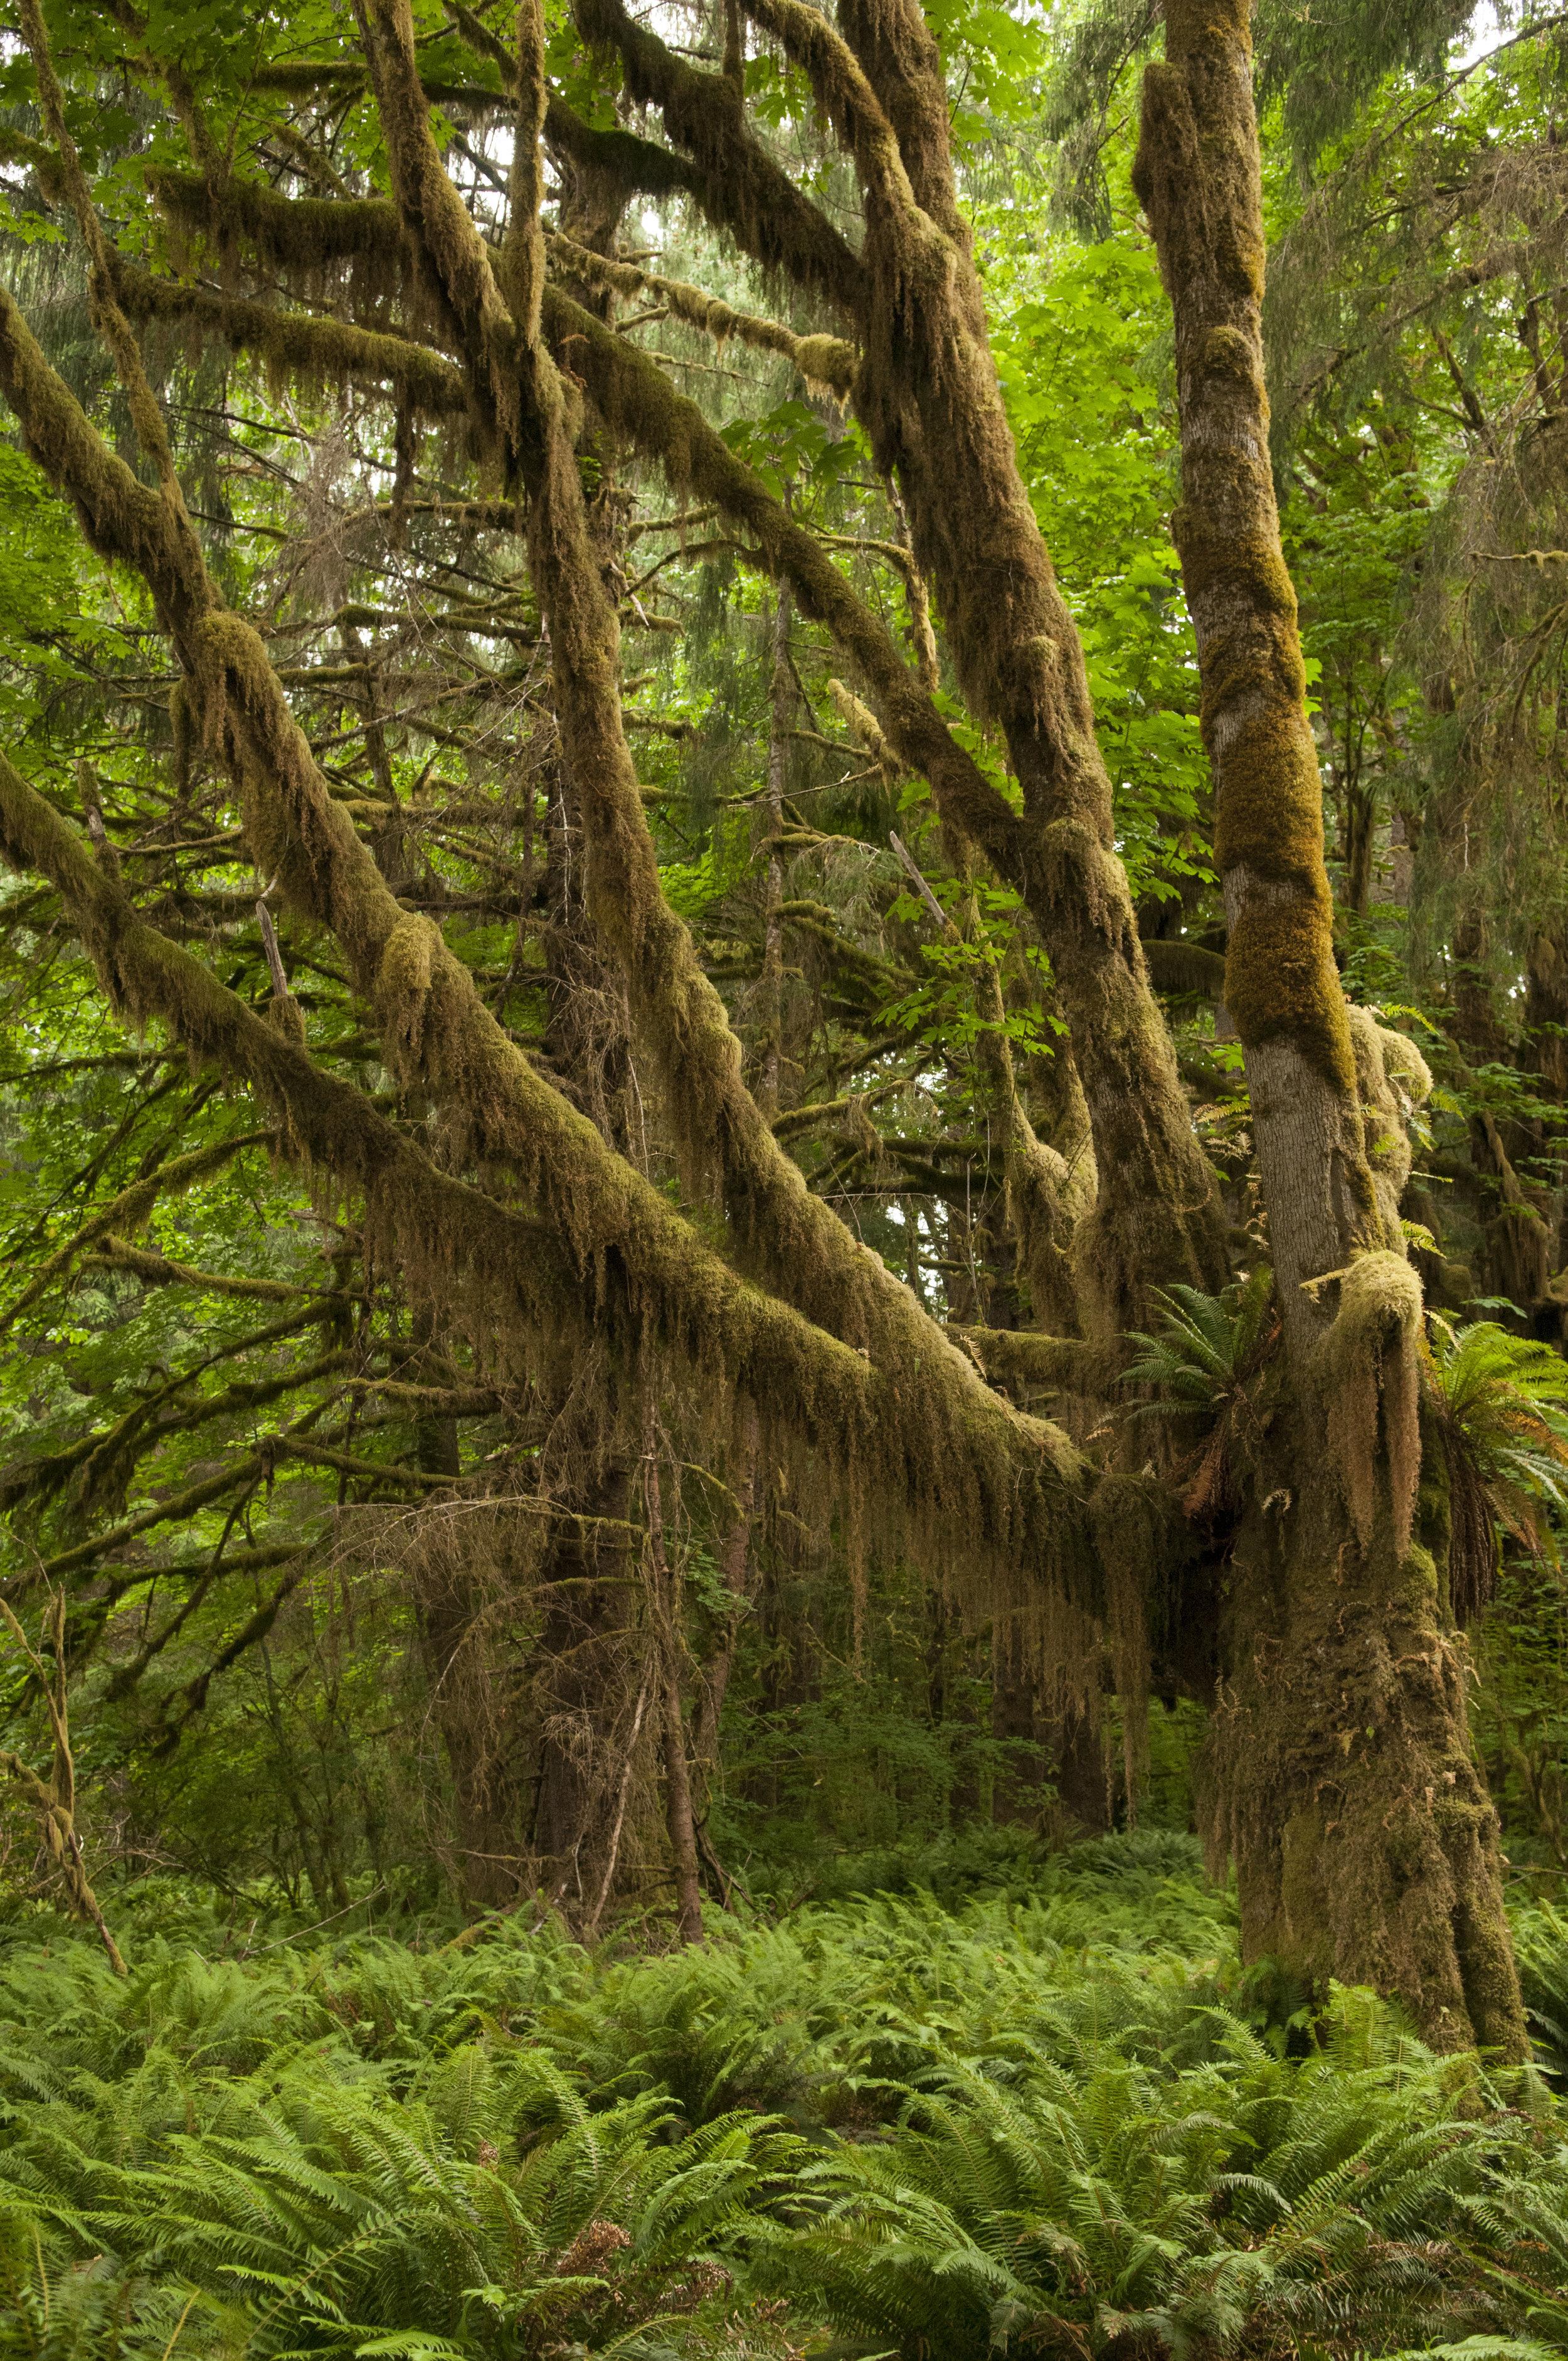 A moss-covered tree near the Hoh River. Photo by Nikolaj Lasbo/TNC